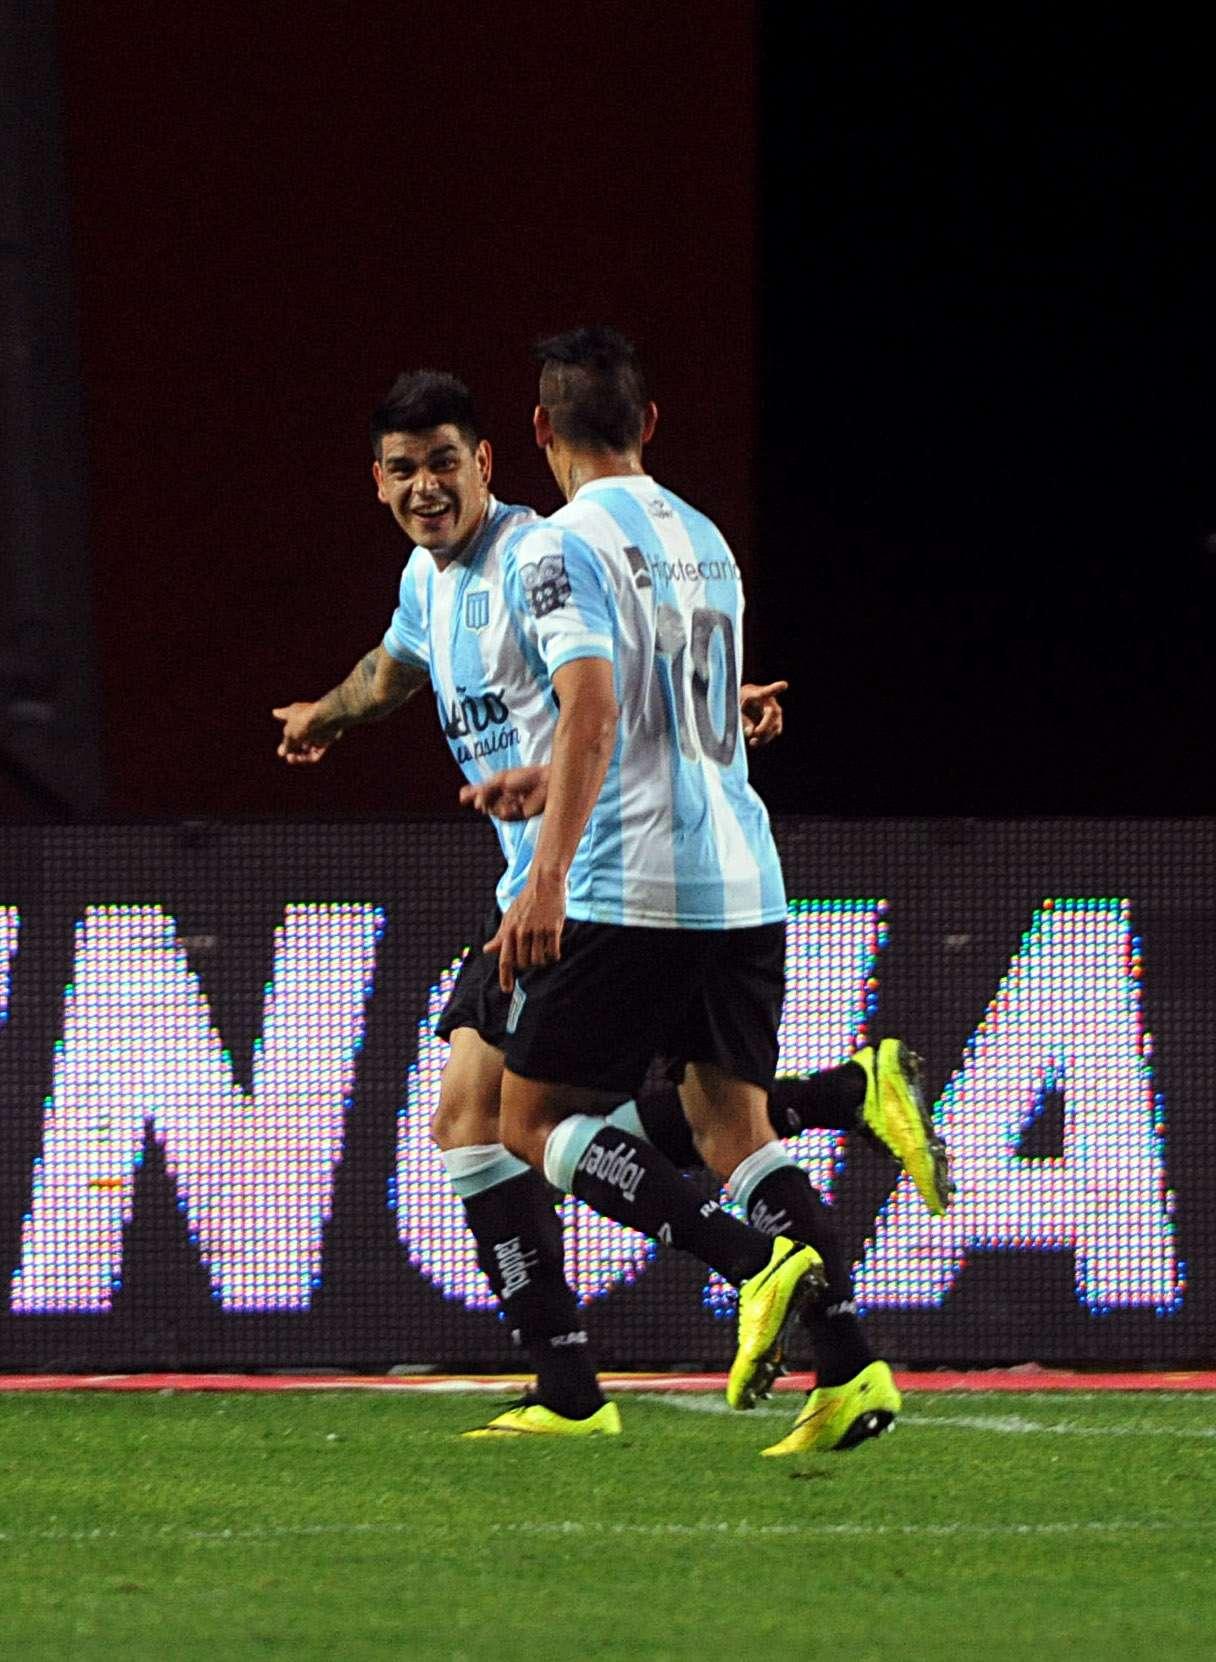 Con goles de Bou (dos), Milito y Hauche, la Academia no tuvo piedad con el Pincha. Foto: agencias